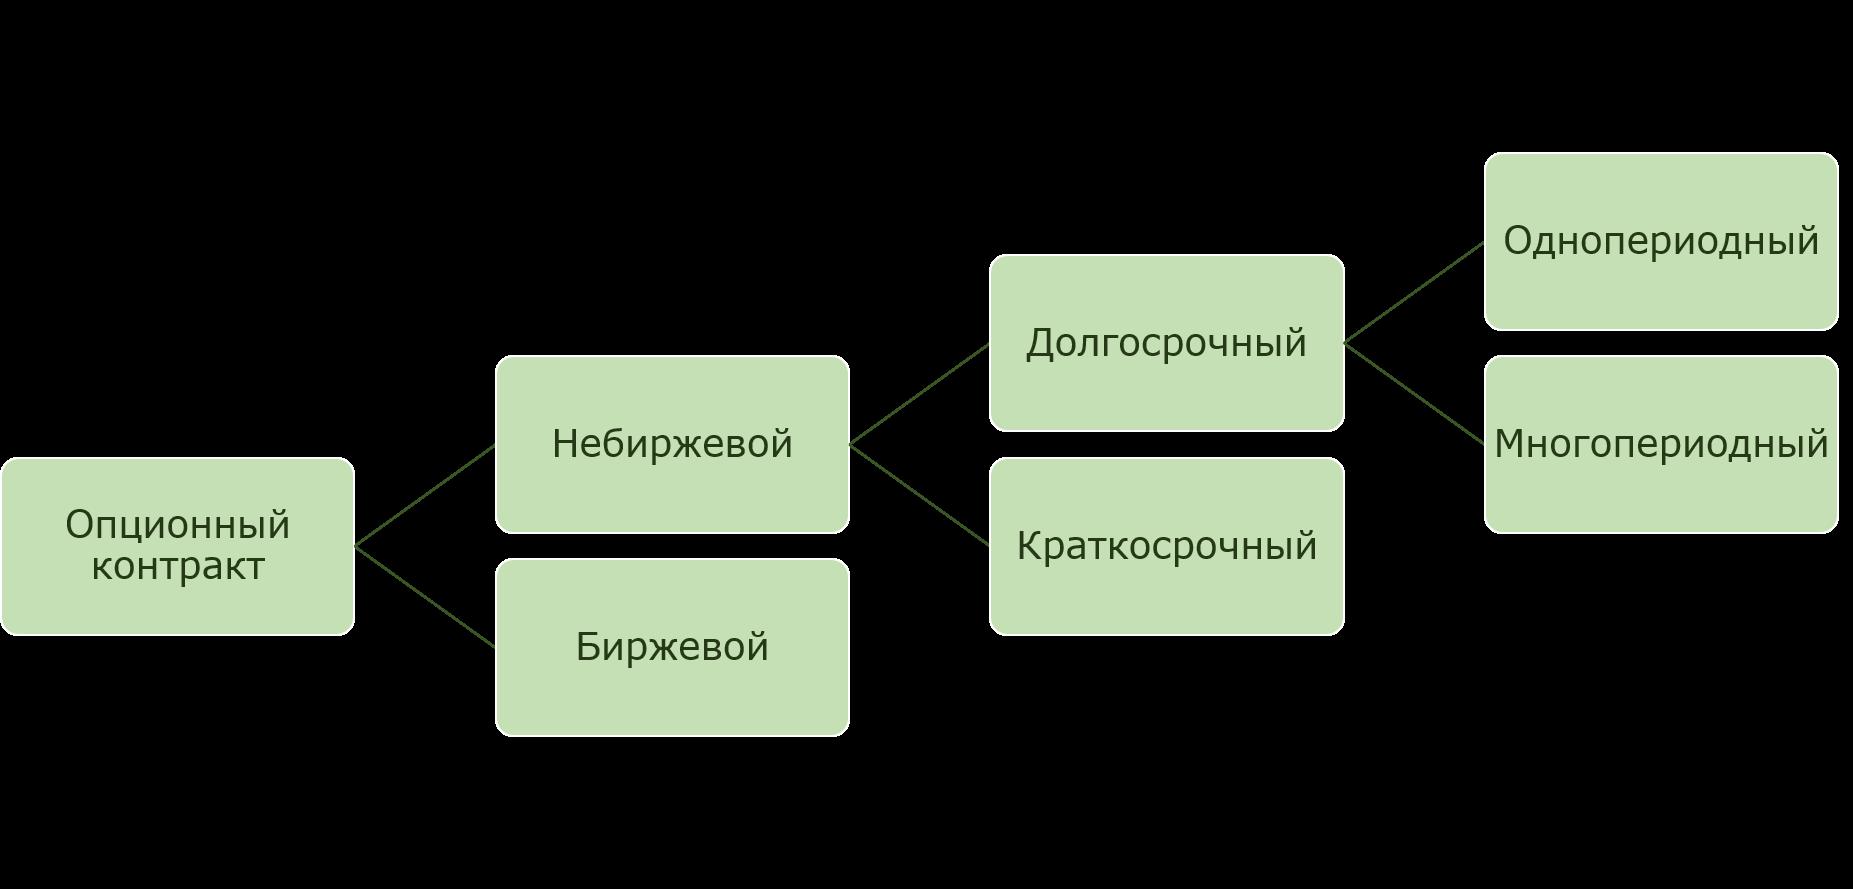 Разновидности опционных контрактов